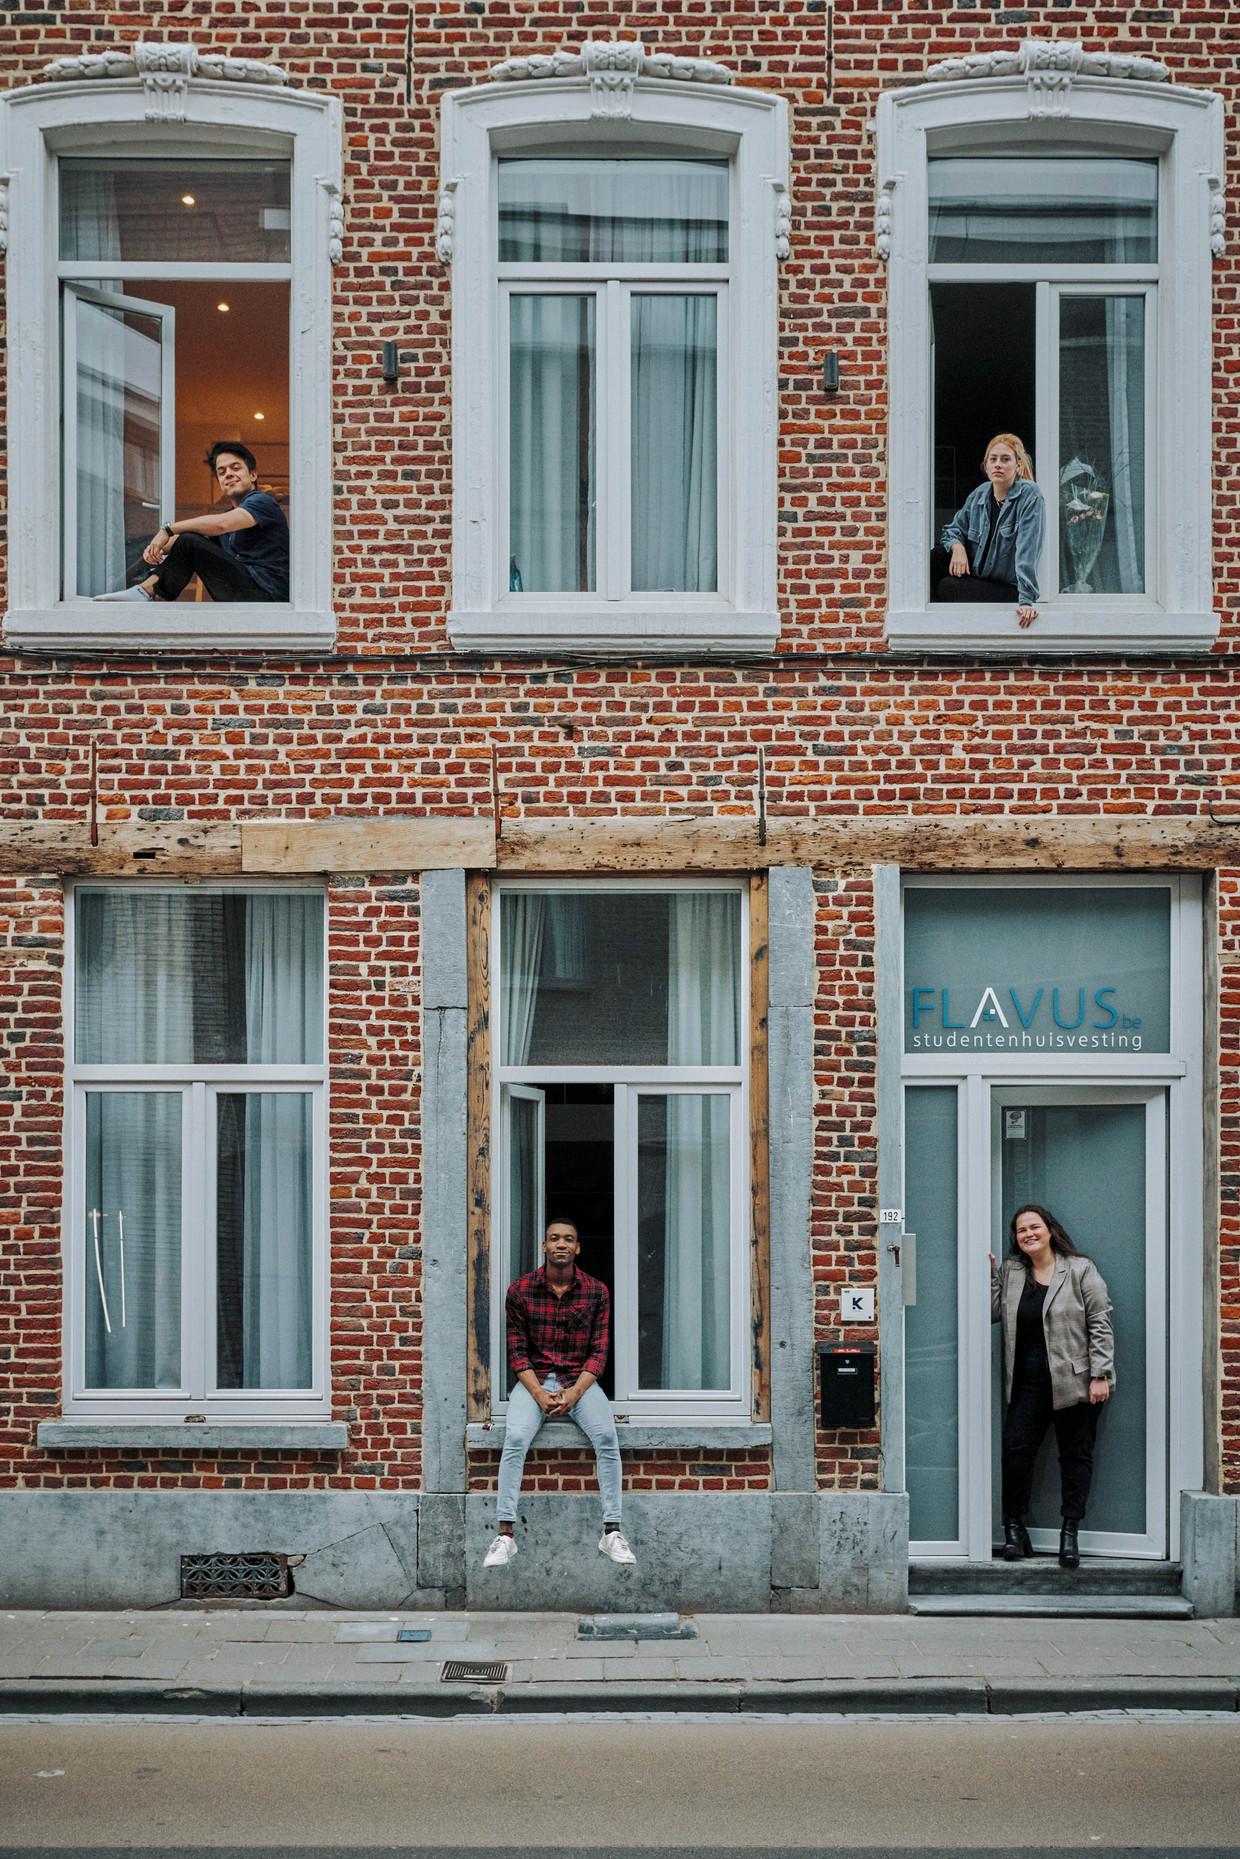 Studenten op kot in quarantaine. Boven: Michael Roskams en Lise-Lore Vanstechelman. Onder: Stéphan Tanganagba en Elise Van Hummelen.  Beeld Thomas Sweertvaegher